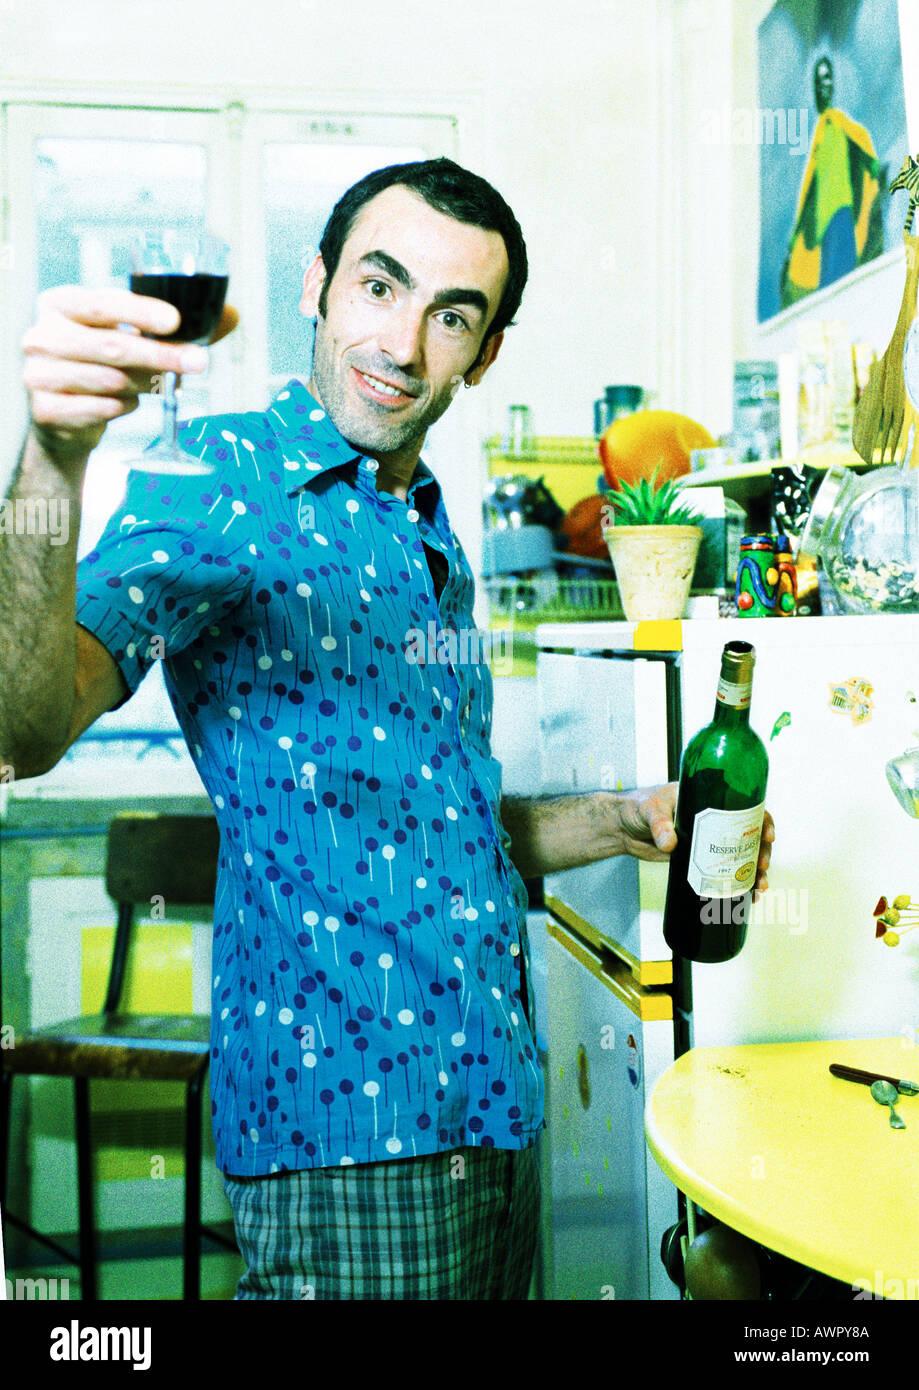 El hombre en la cocina sosteniendo una botella de vino, levantando su copa, retrato. Foto de stock